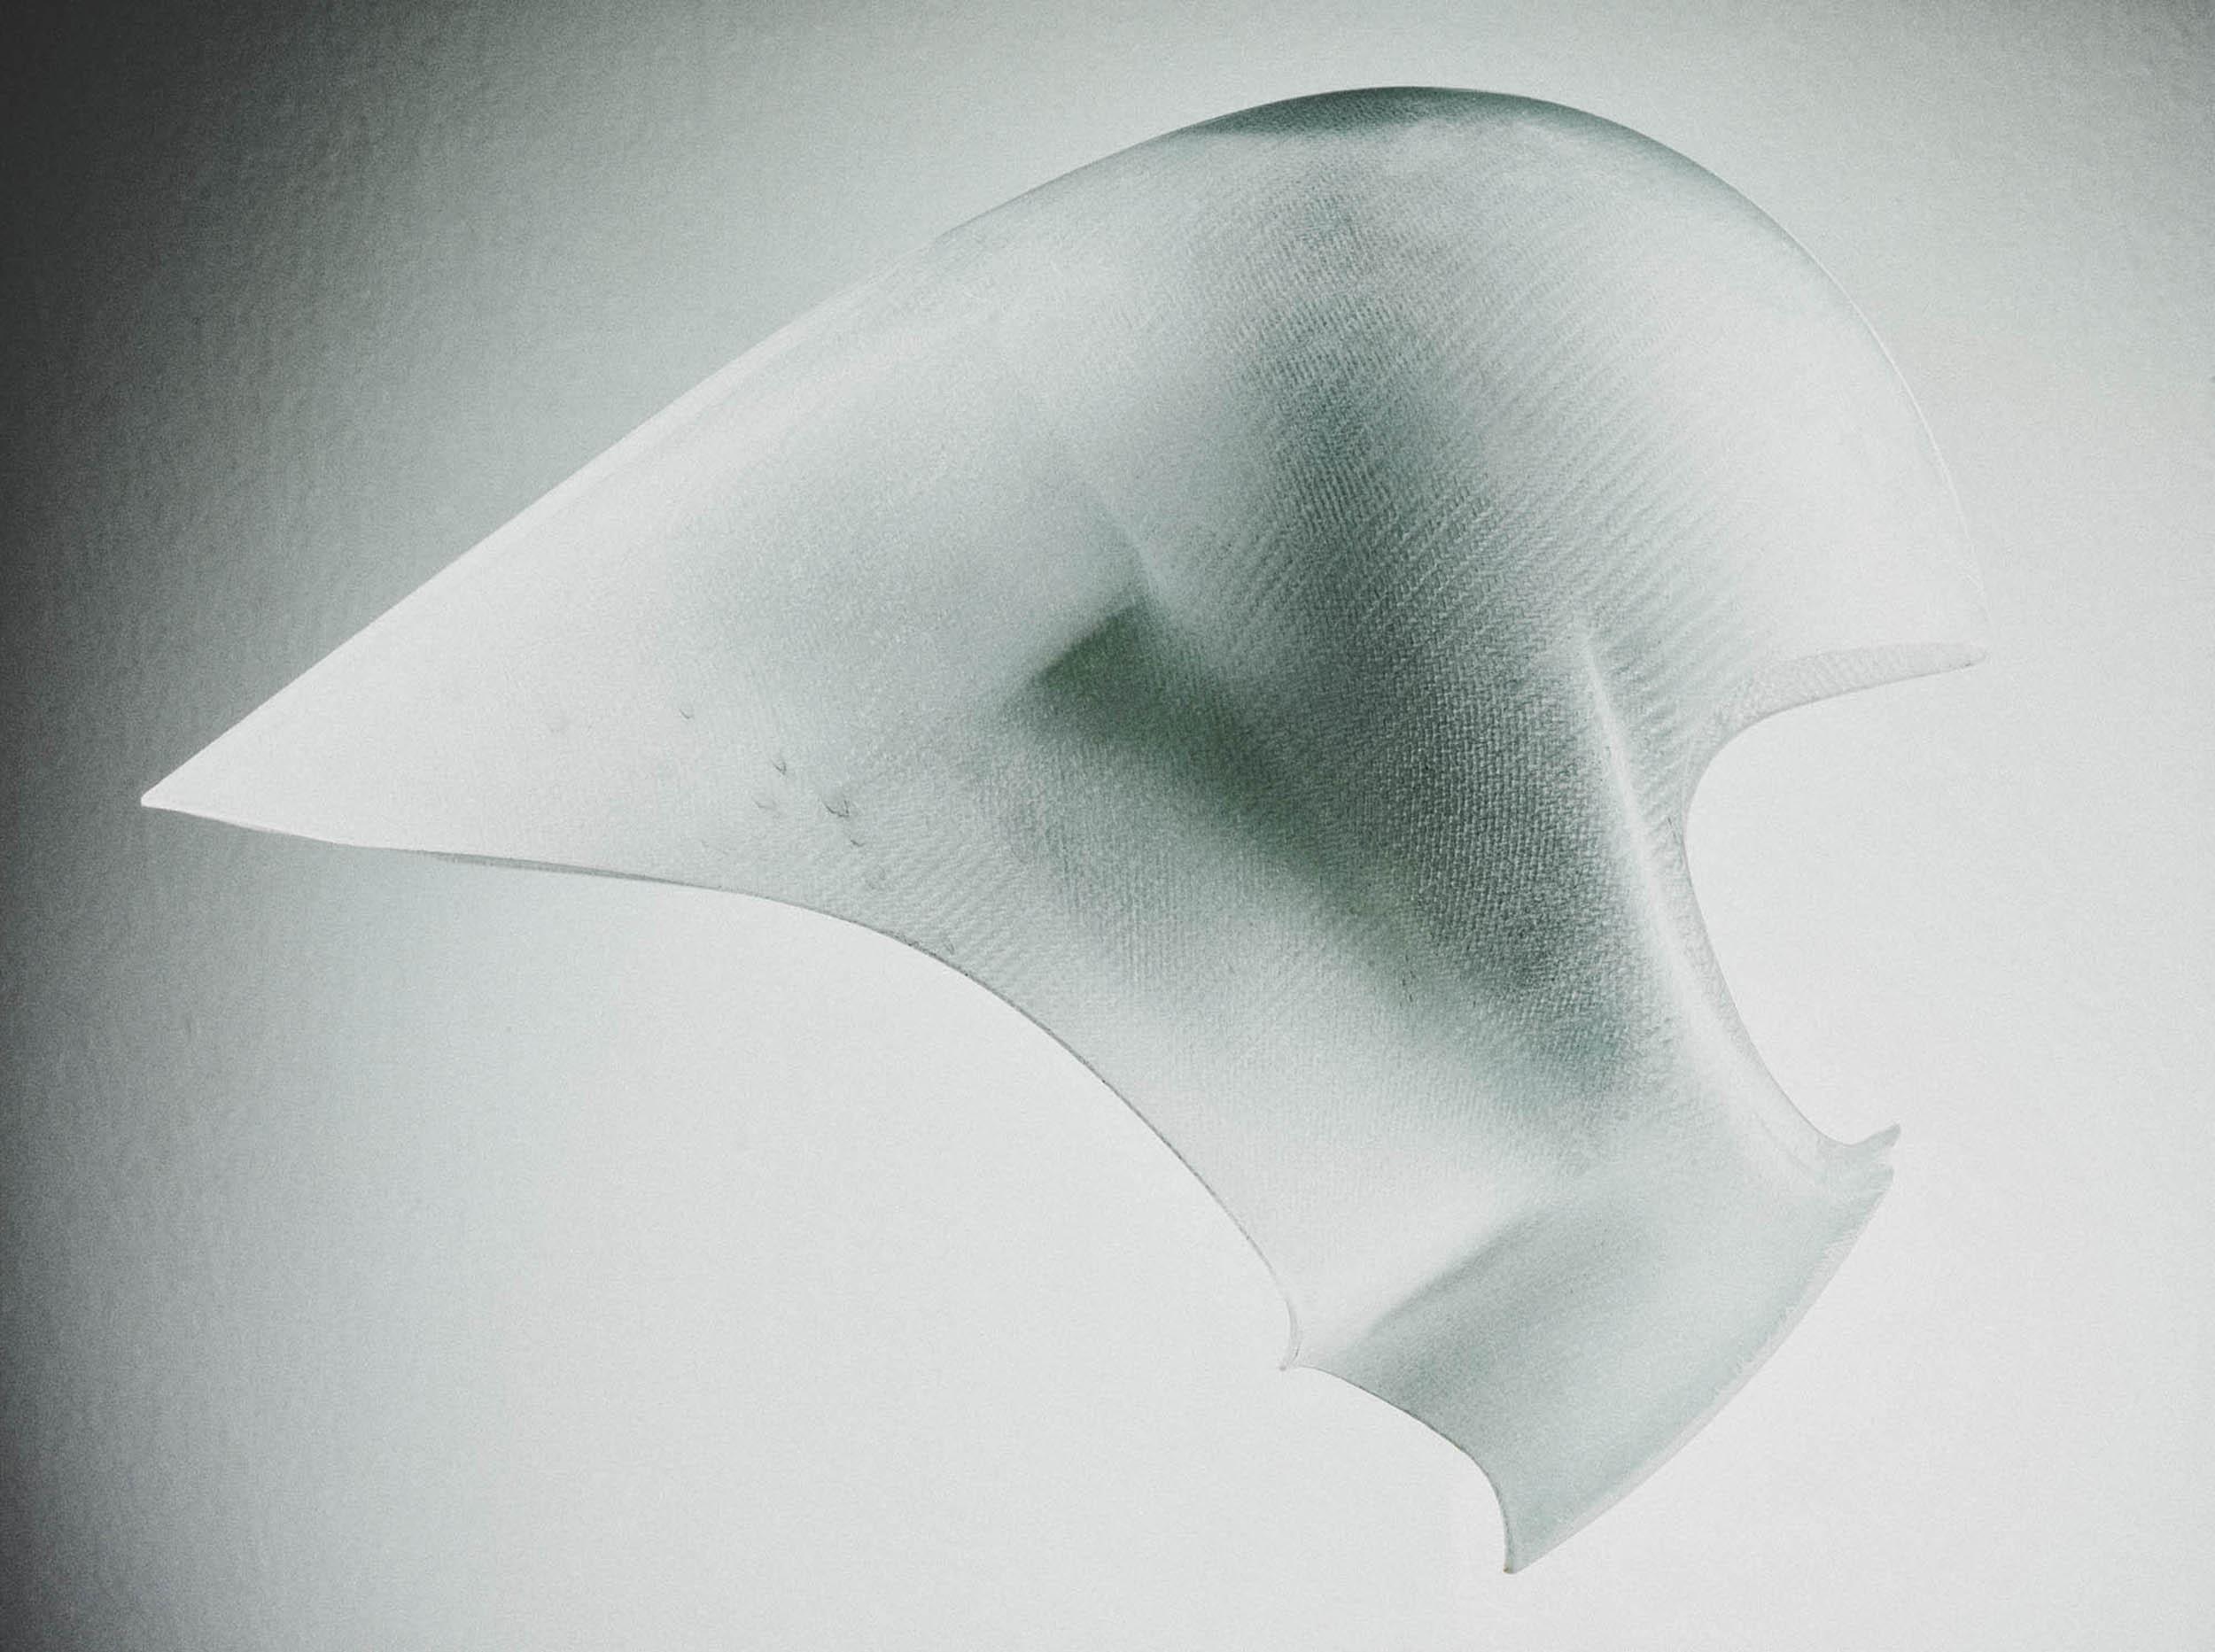 seifertuebler-corporate-risch-aerohelmets-handcraft-downhill-skateboard-21.jpg